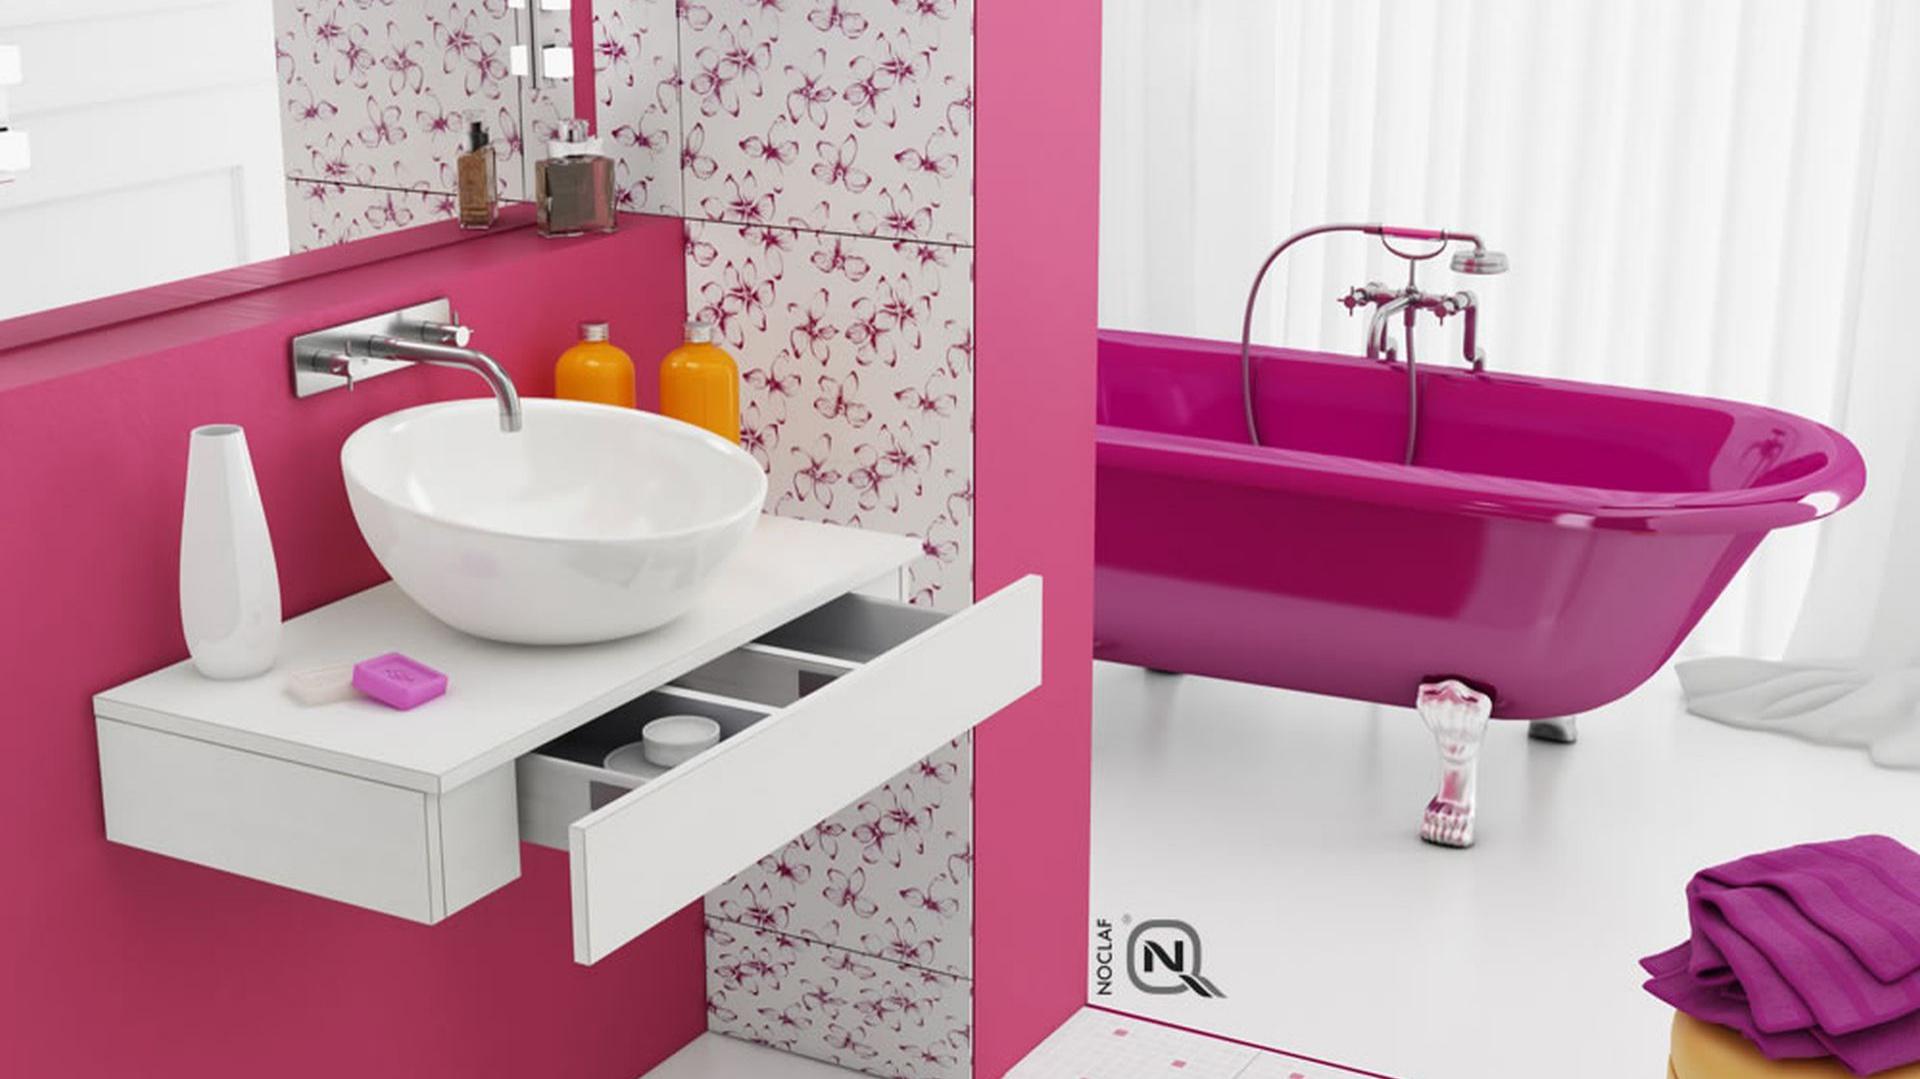 Szafka pod umywalkę z kolekcji Sabrina marki Noclaf. Fot. Noclaf